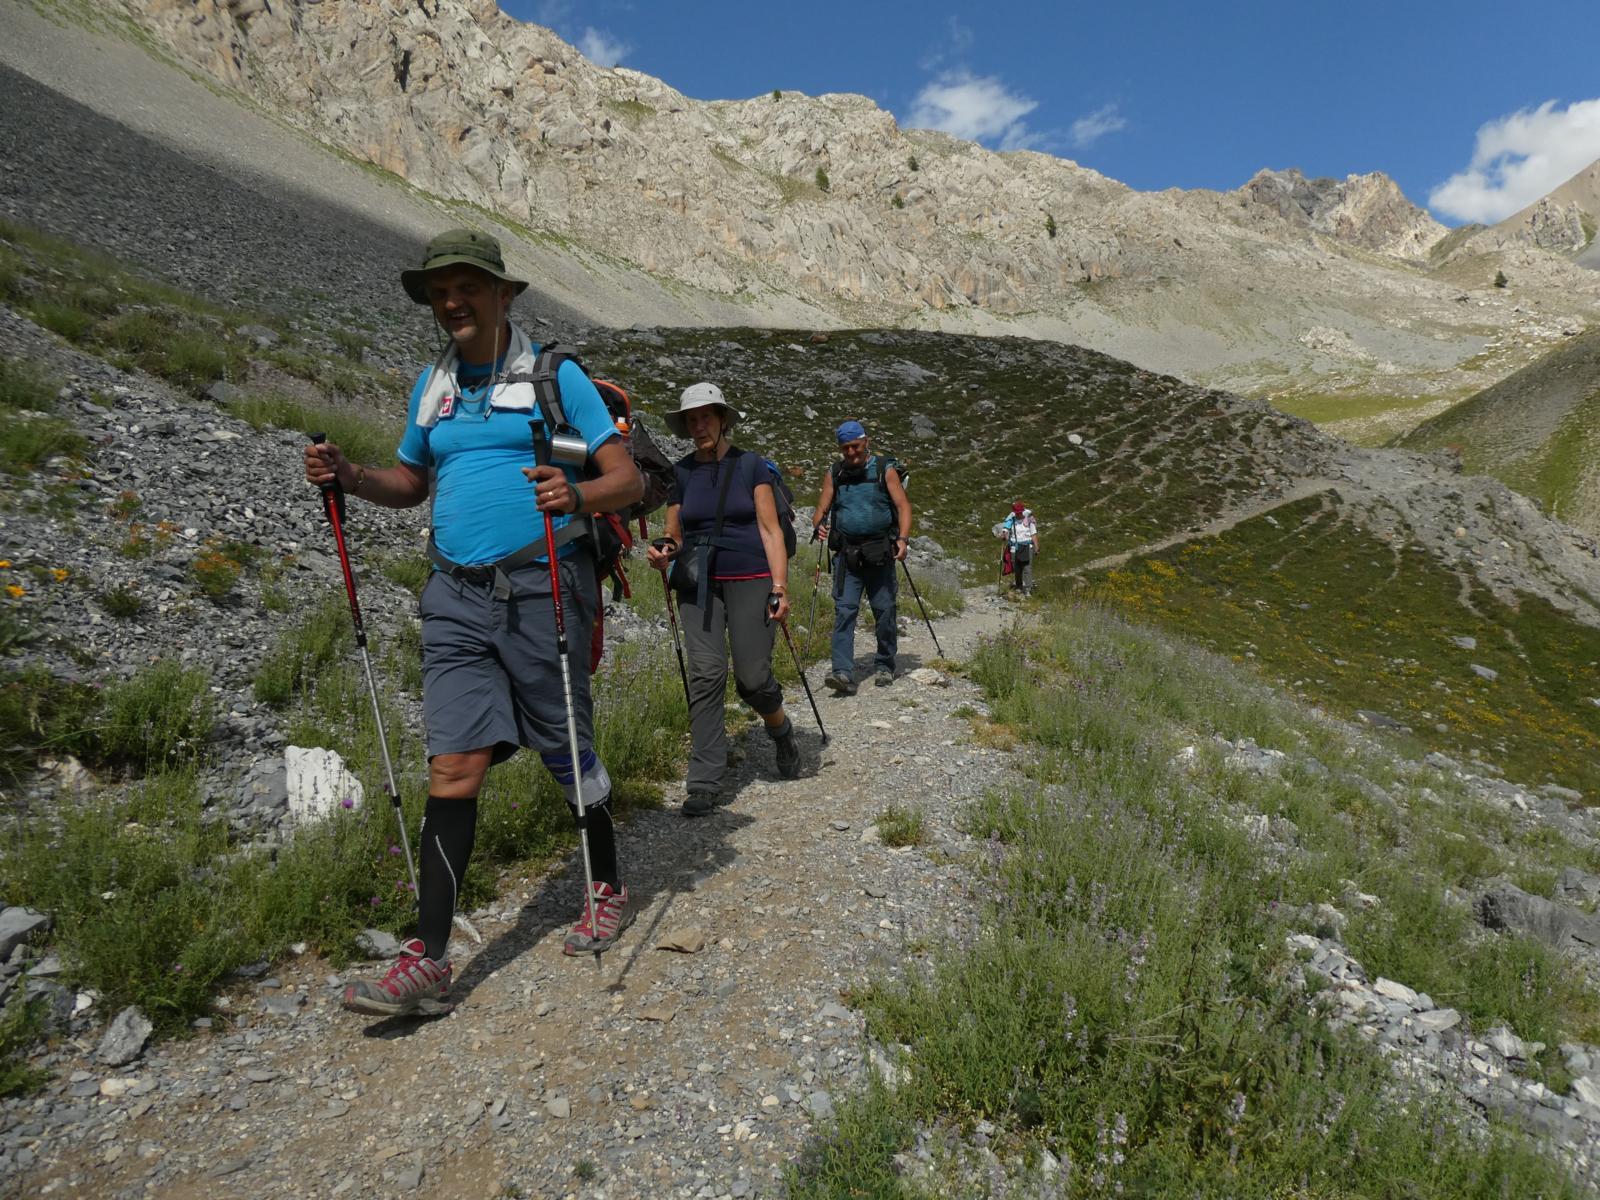 un trekking di tre giorni da casteldelfino, a chiappera e a argentera 2 Paolo laguzzi 2021_preview